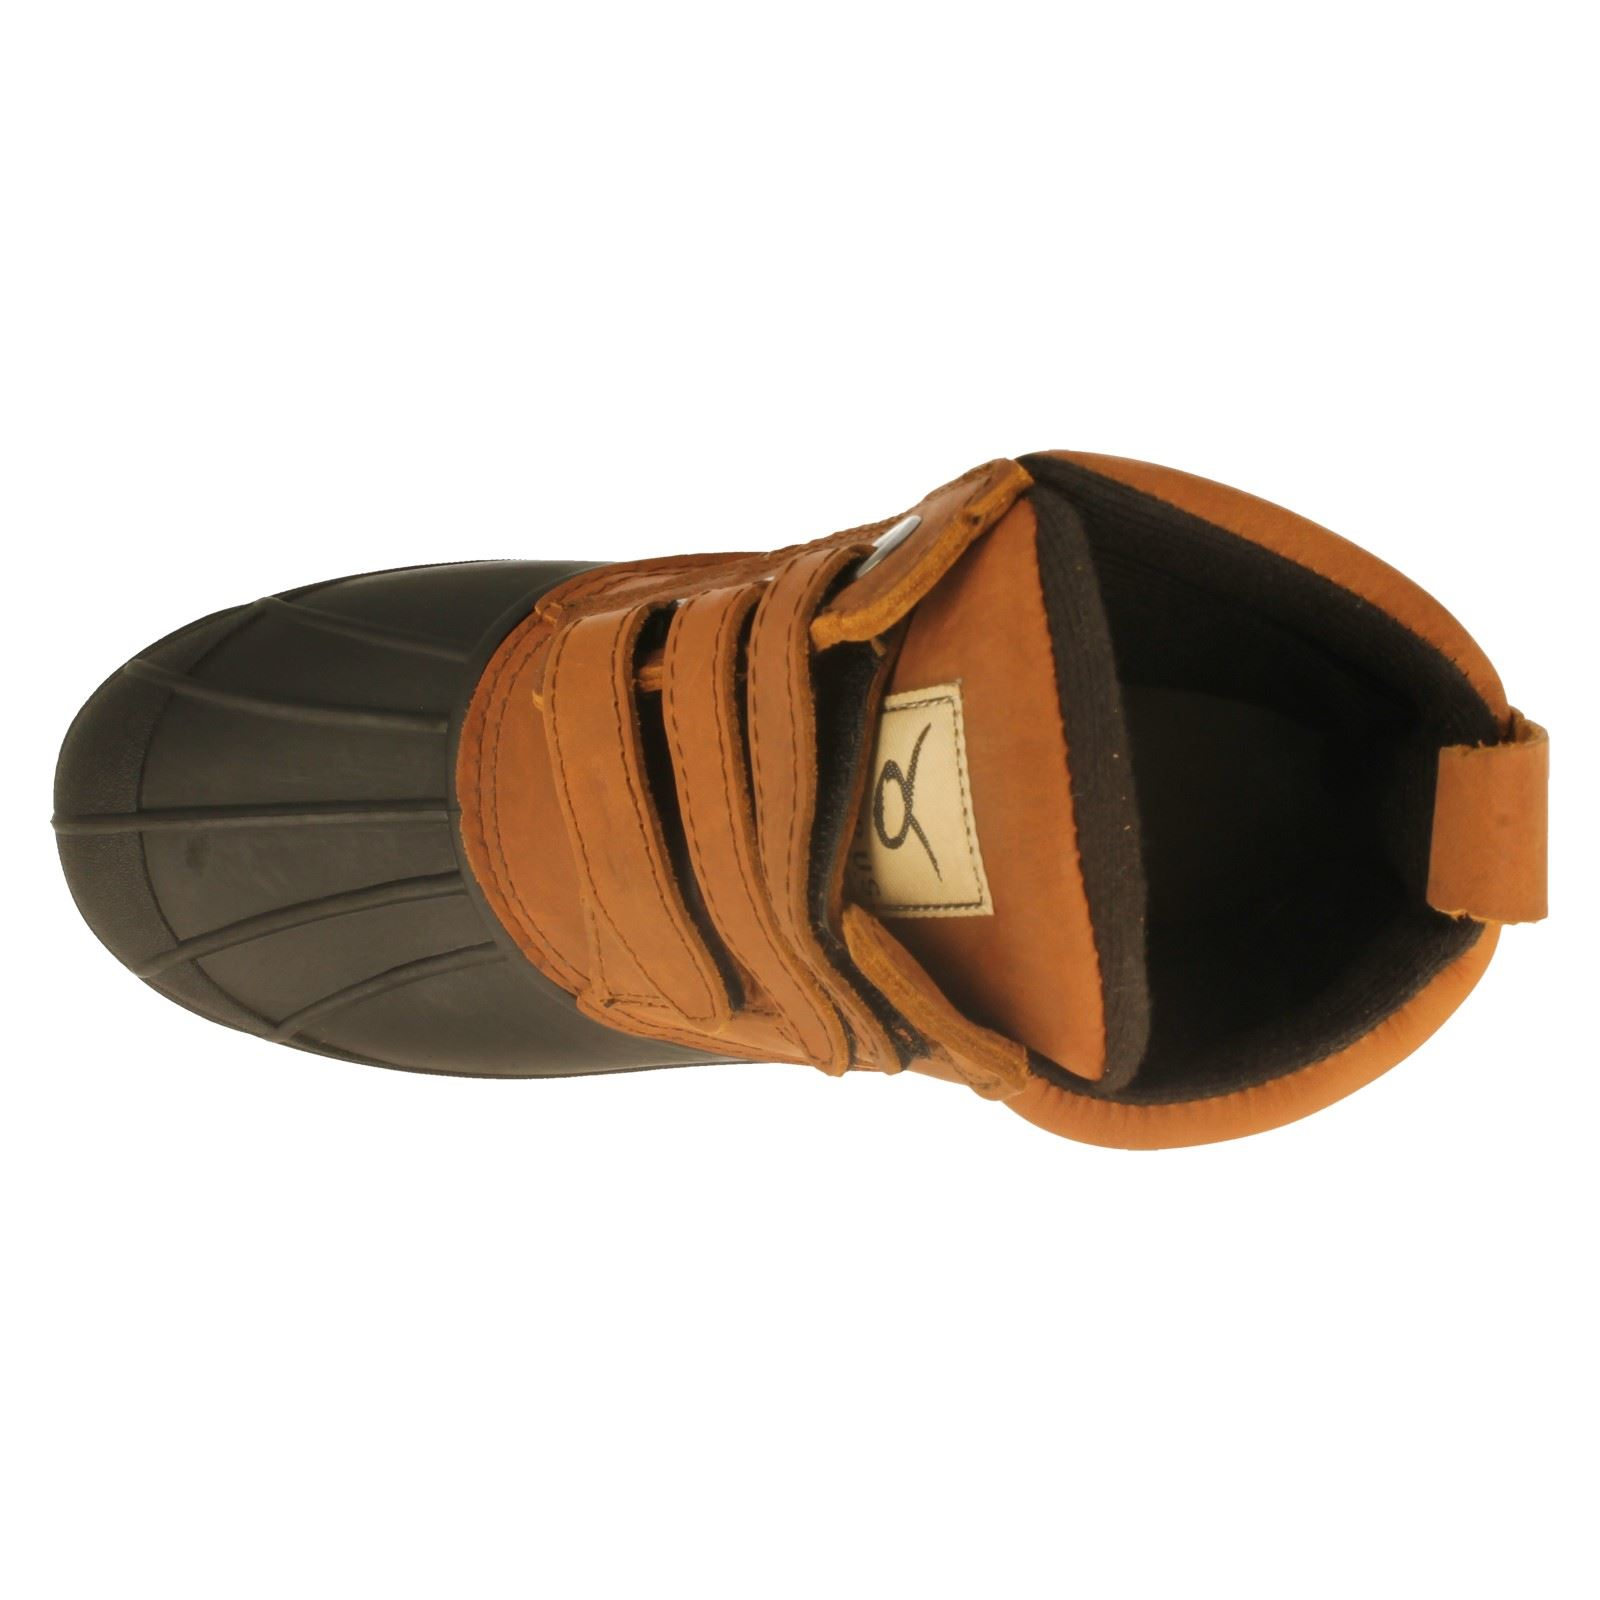 Ranger Brown stivali Label w nero Taurus Leather brown Mucker Unisex XWwAfO6qx